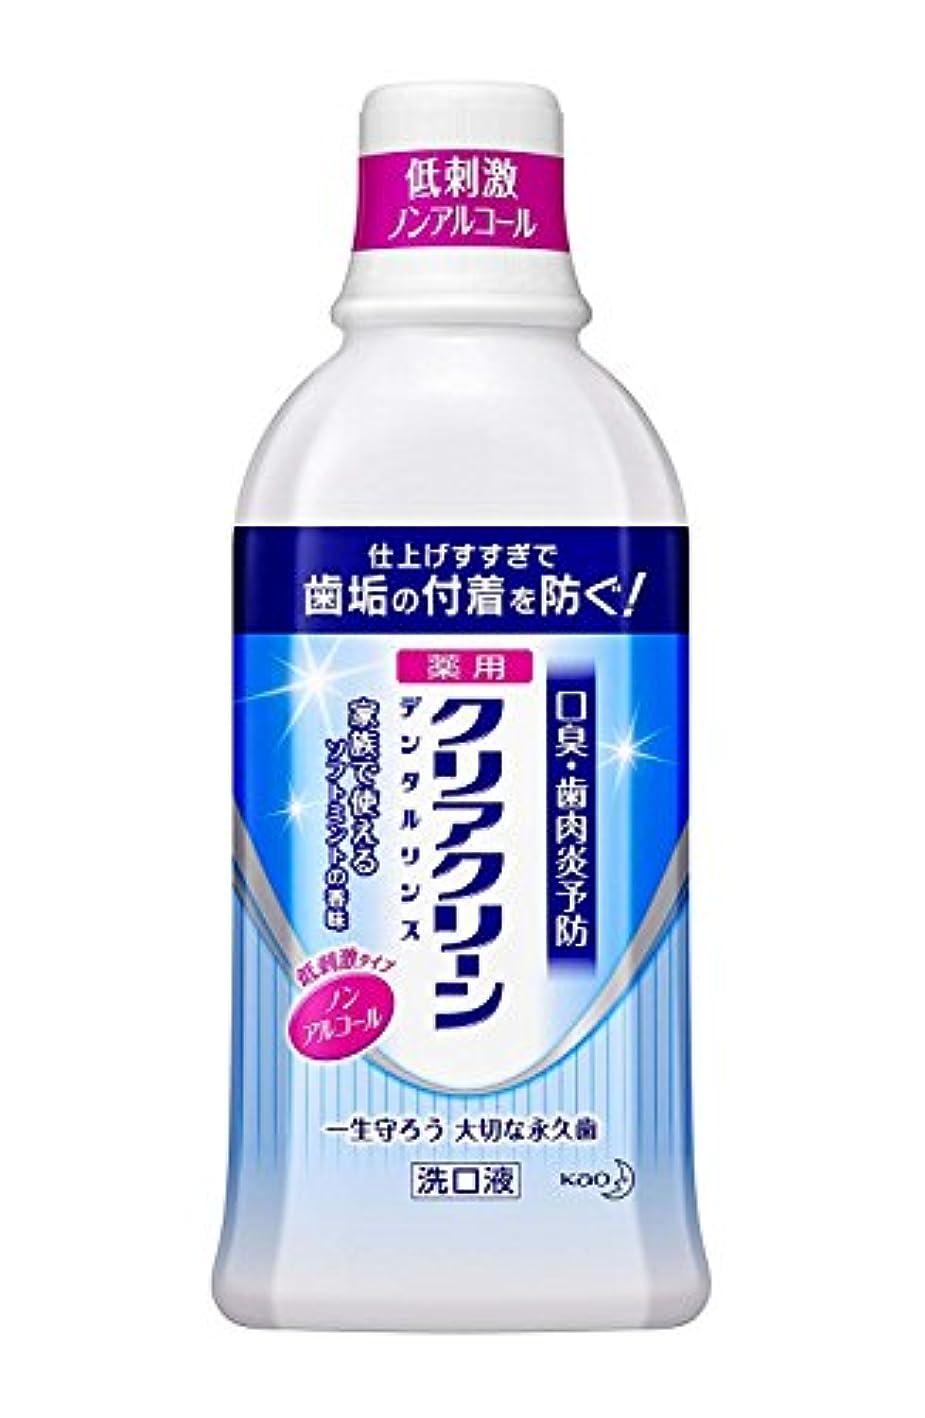 完璧天才一流【花王】クリアクリーン デンタルリンスノンアルコール (600ml) ×5個セット